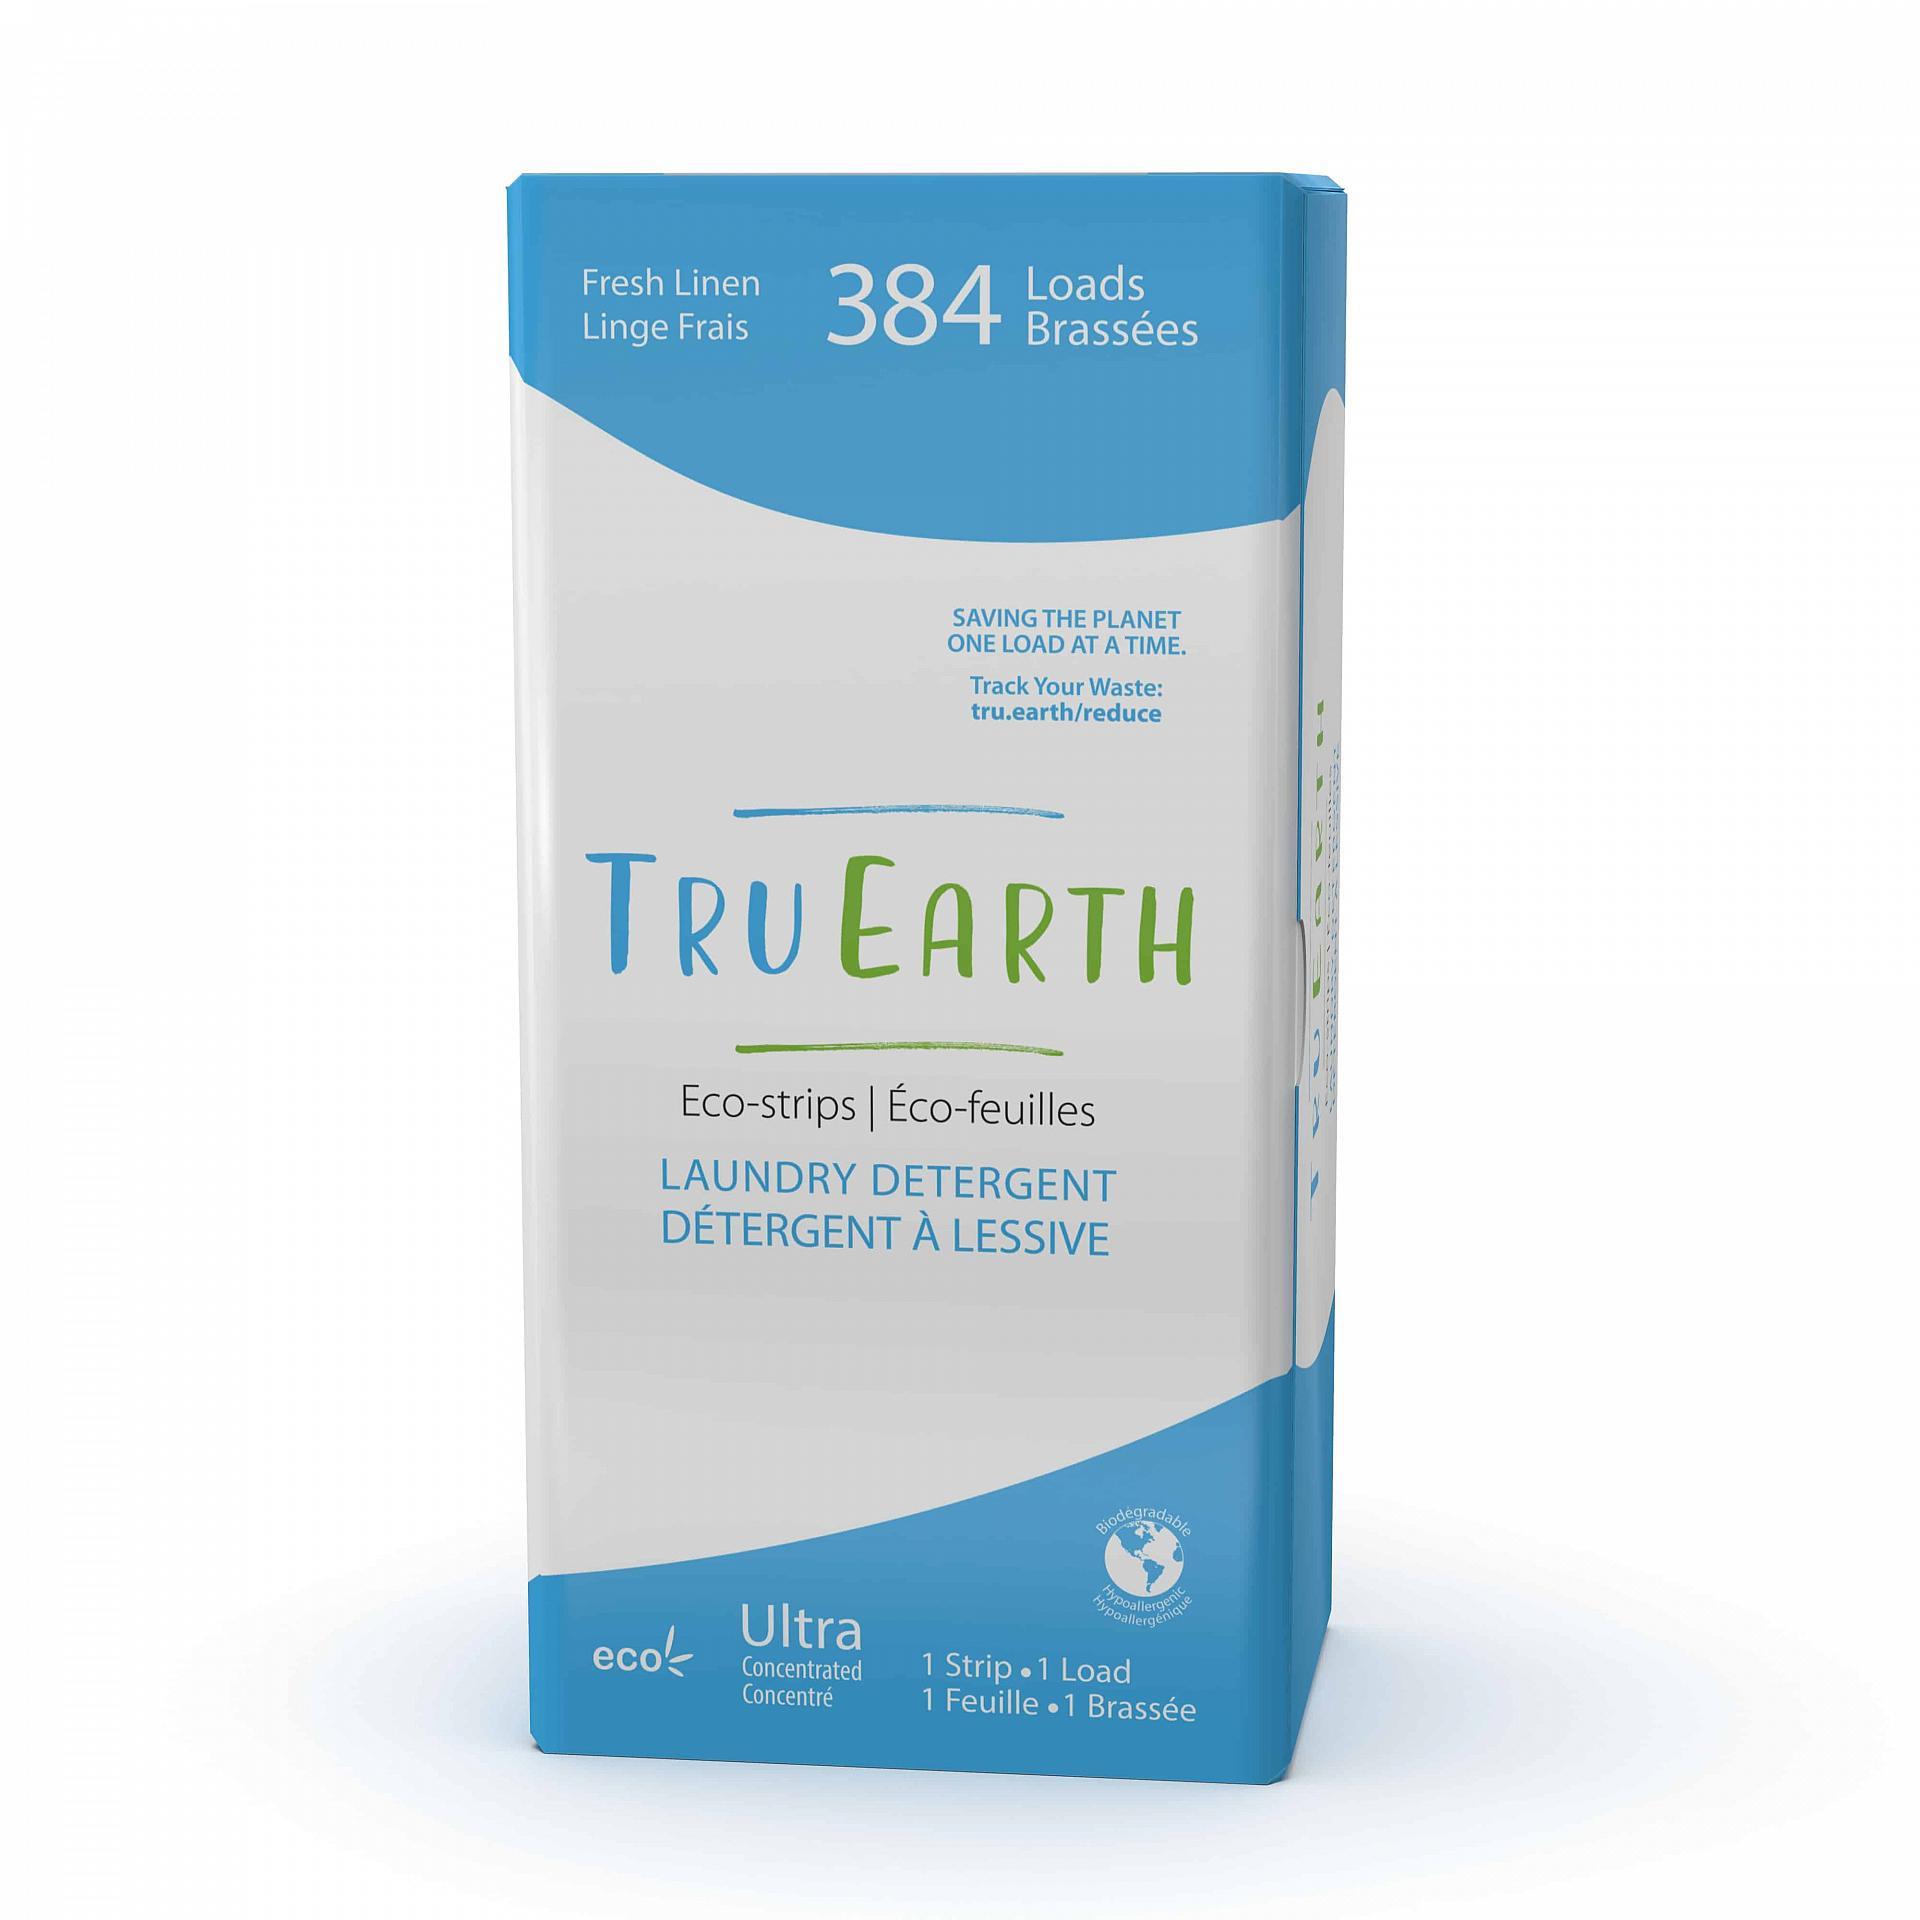 Tru_Earth_Eco_strips_Laundry_Detergent_Fresh_Linen_384_Loads